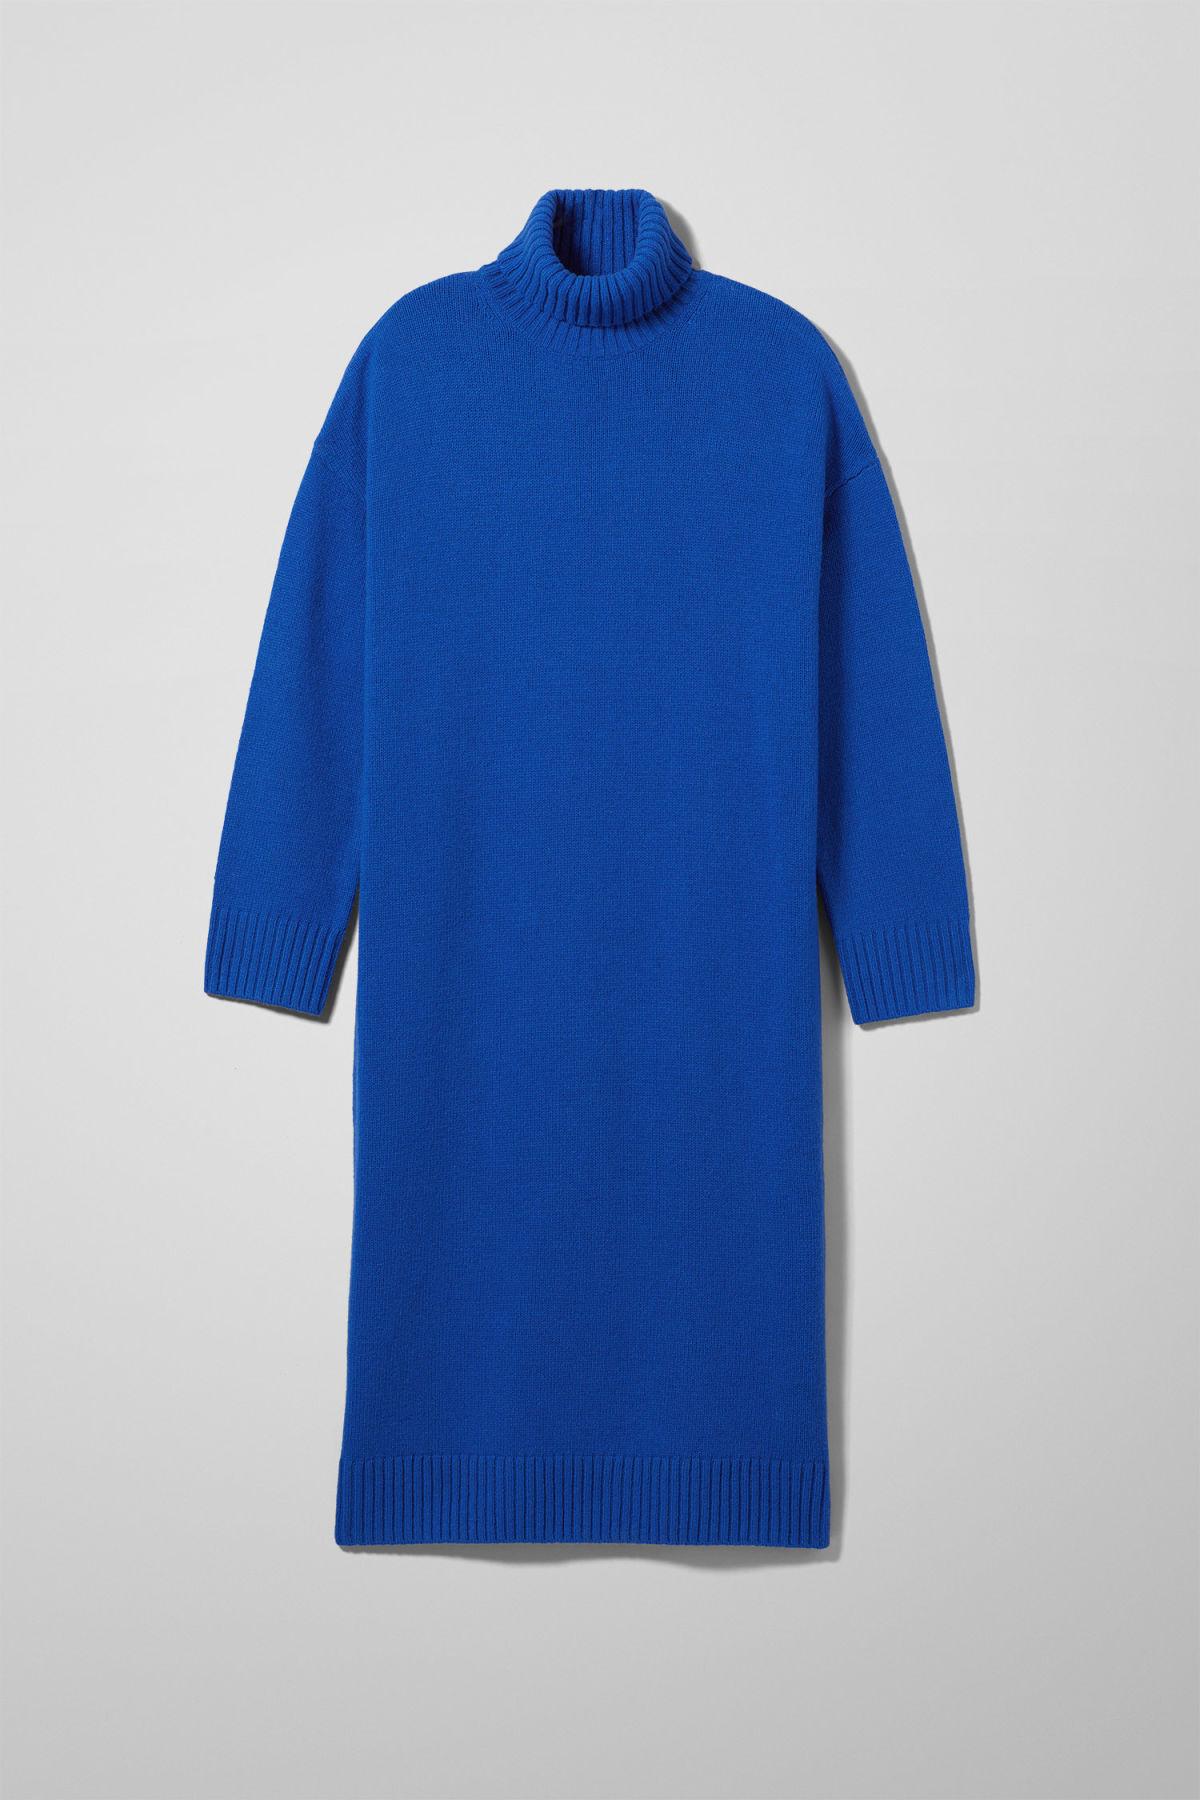 Image of Nia Knit Dress - Blue-XS